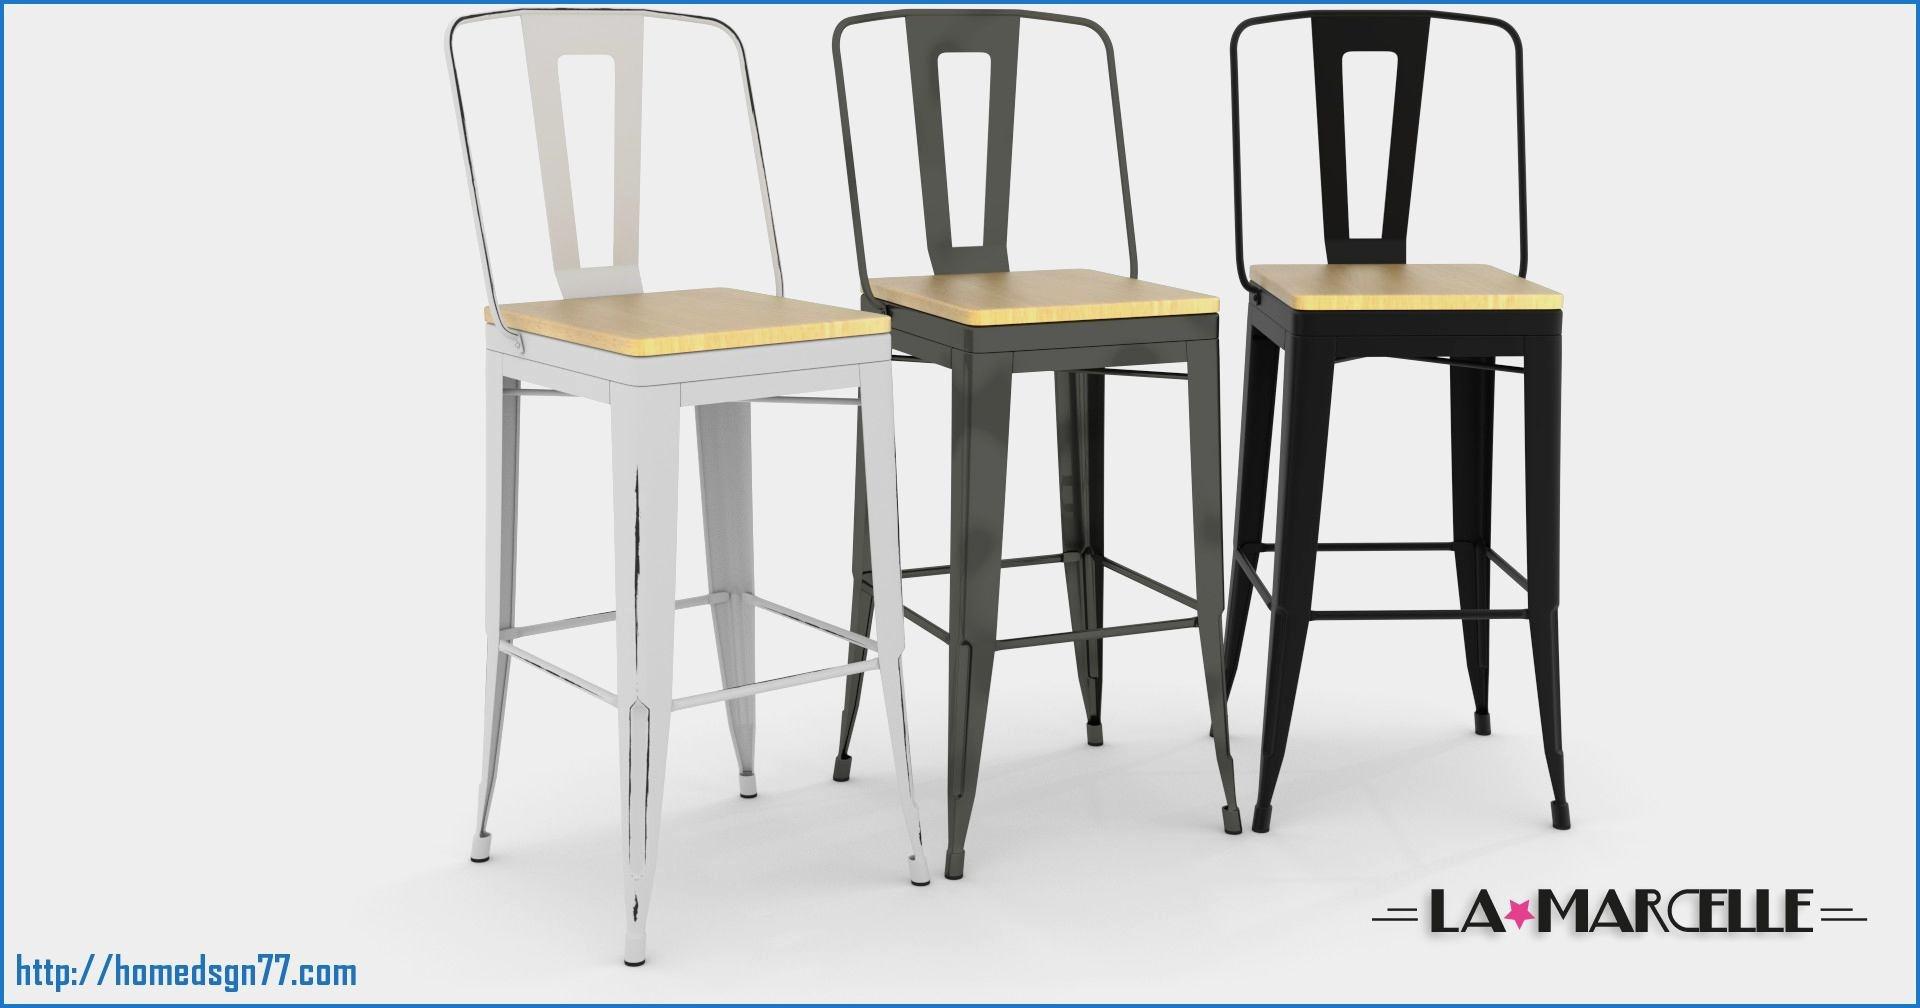 Tabouret de bar metal - Idée pour la maison et cuisine 2f803f2e96e8